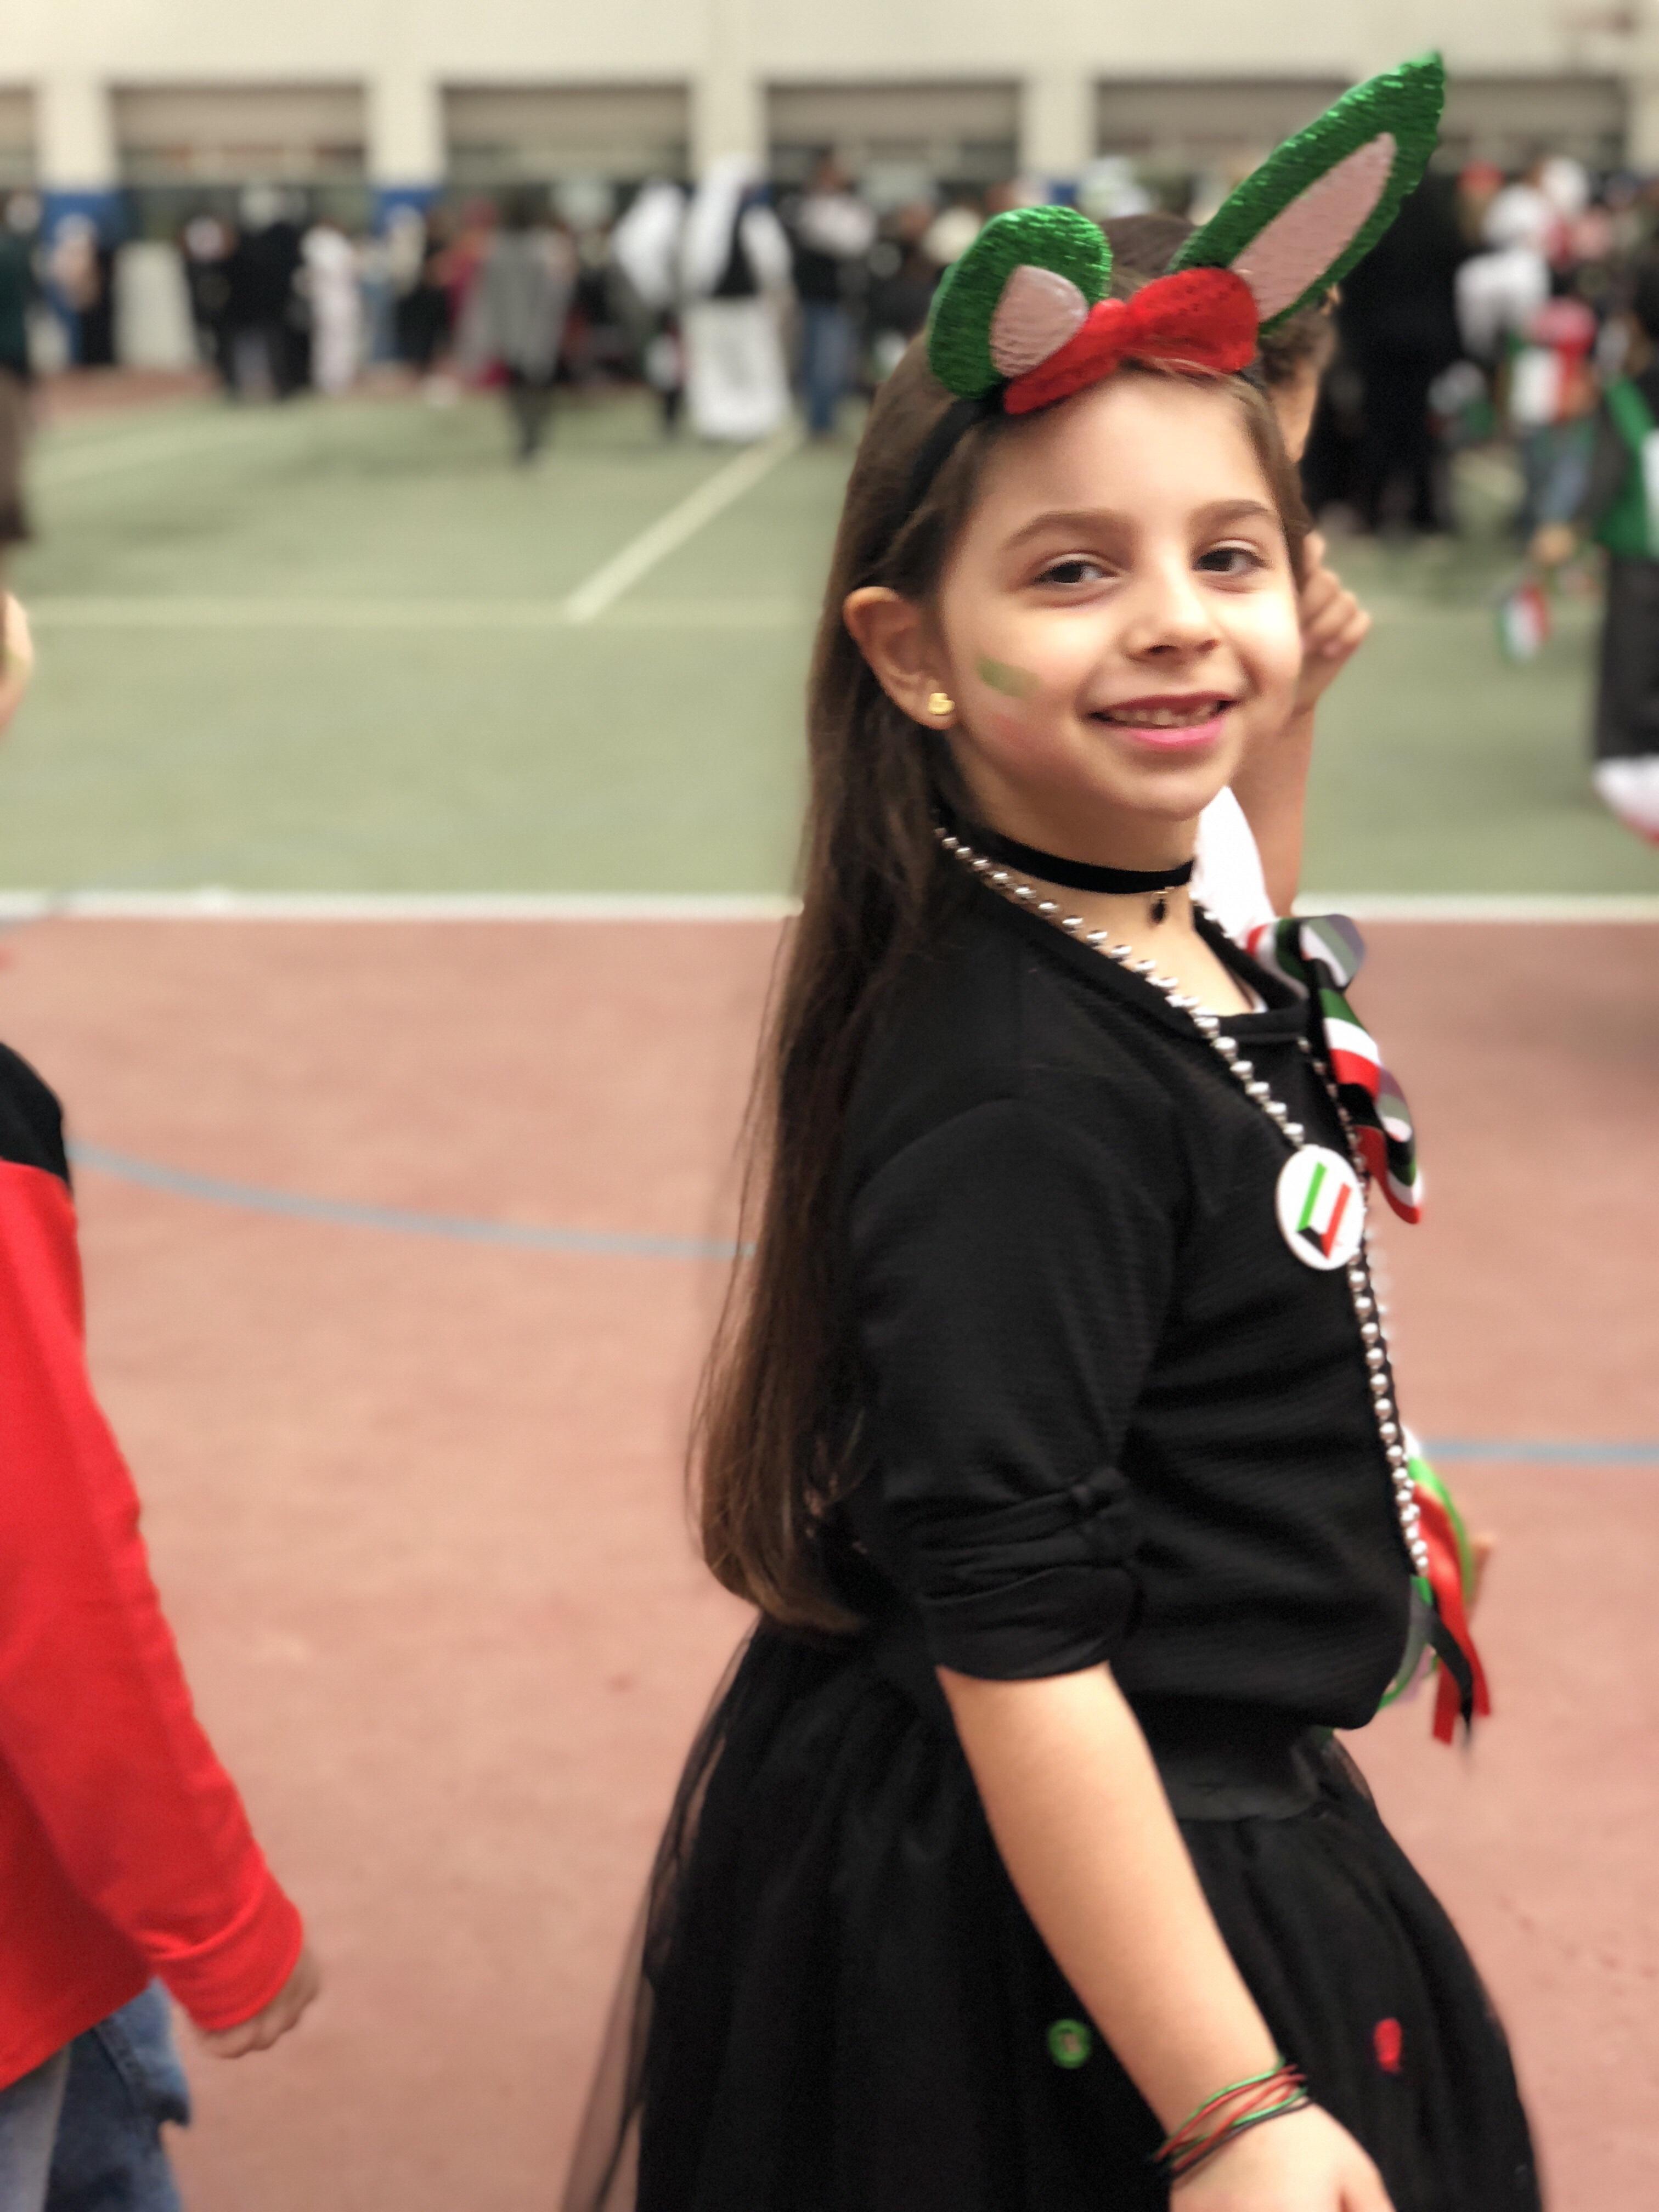 Child celebrating kuwait national day